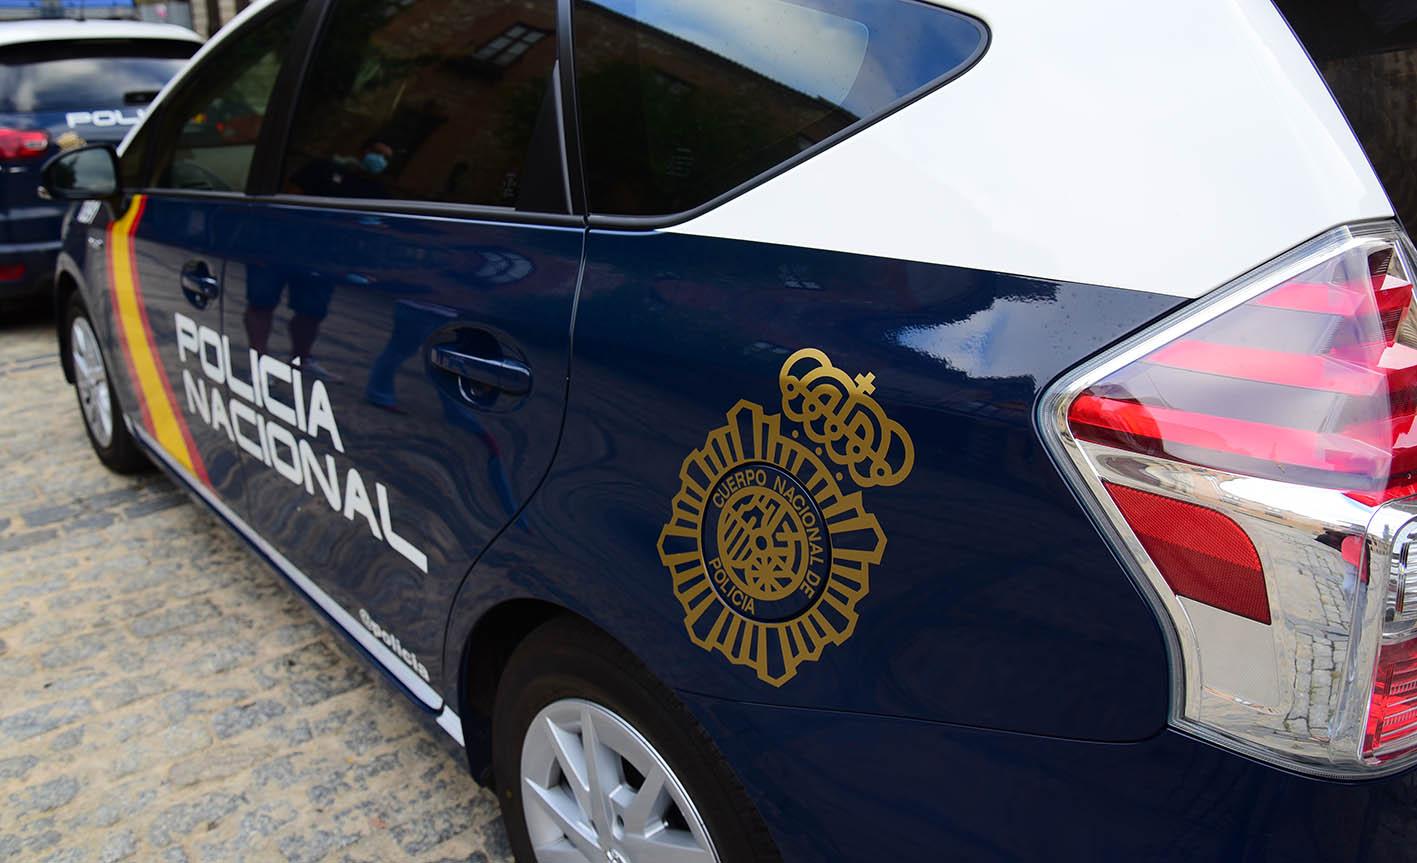 La Policía Nacional ha detenido a una persona por agredir con navaja